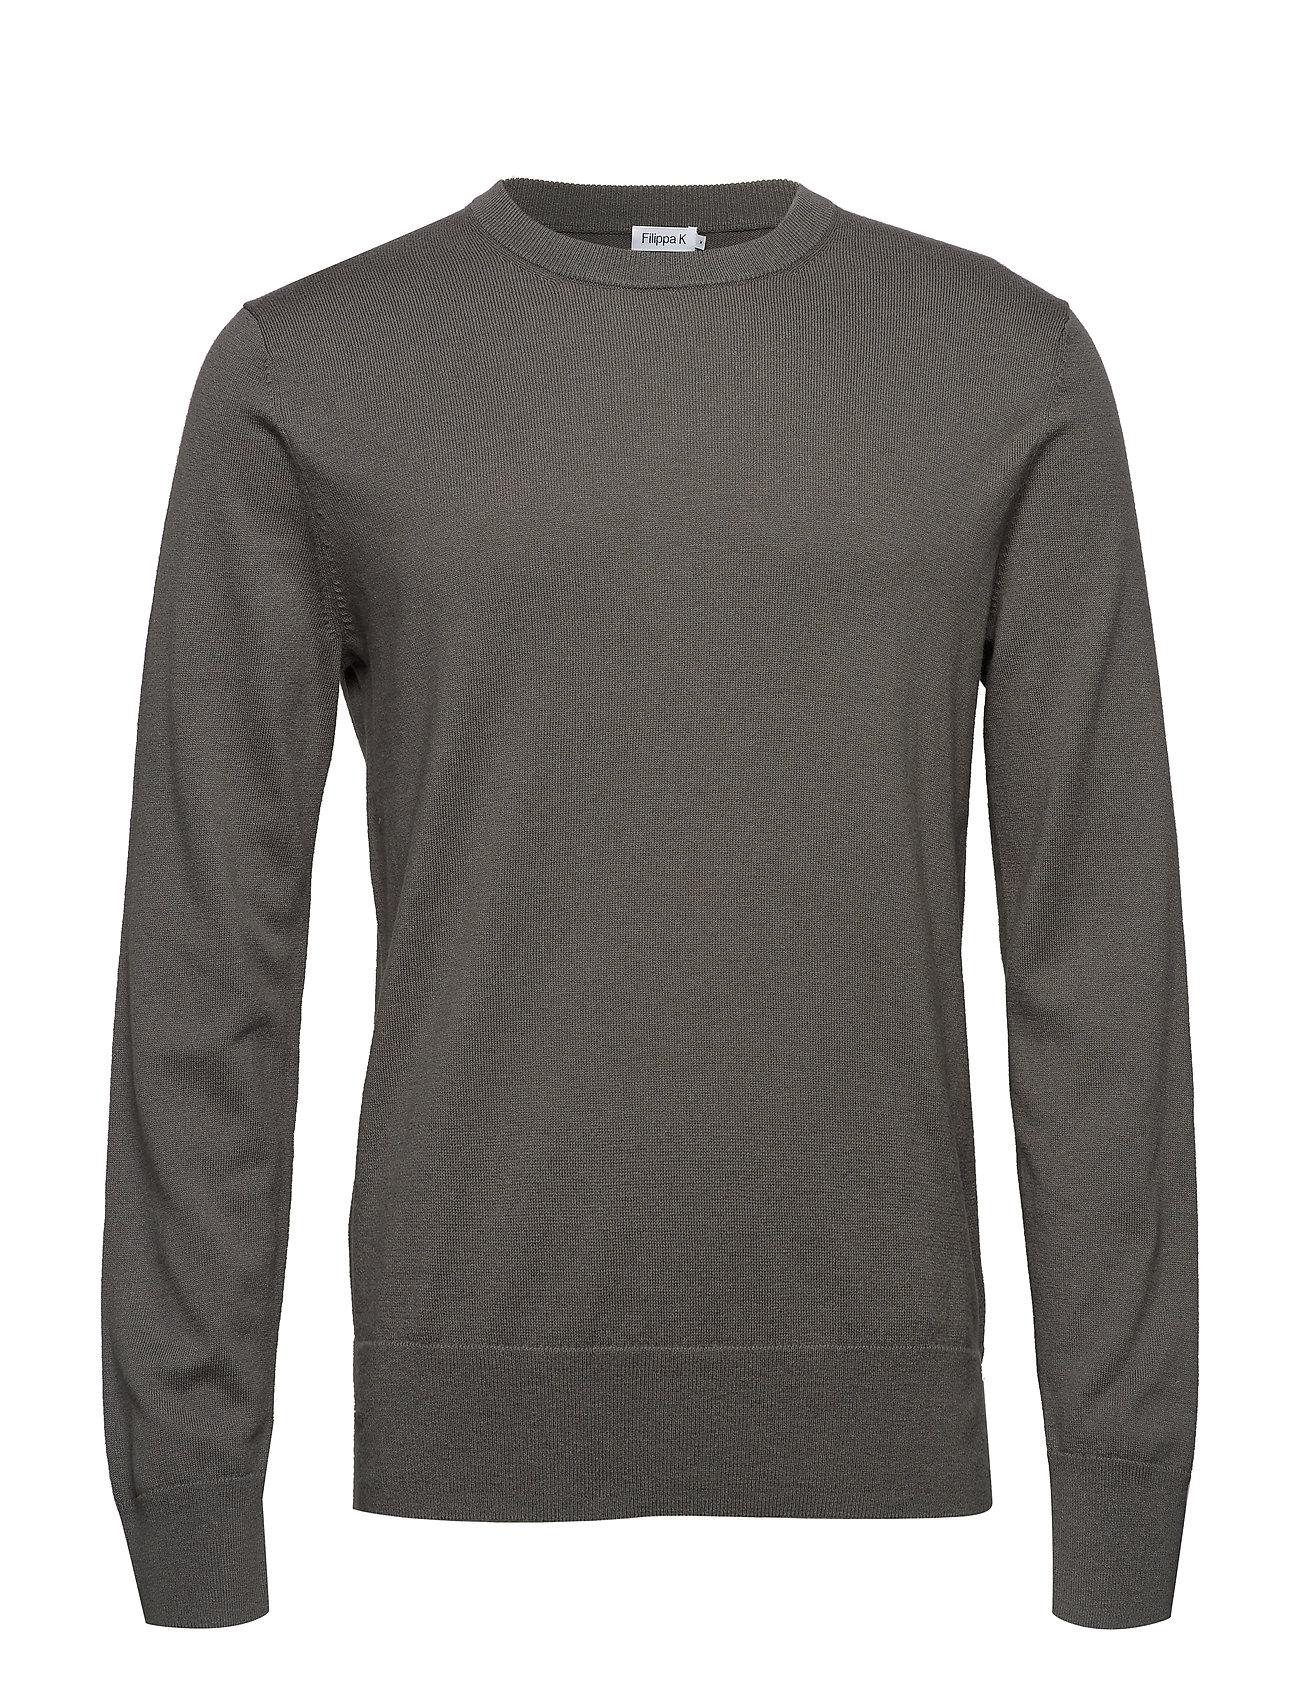 Filippa K M. Cotton Merino Basic Sweater - PLATOONE